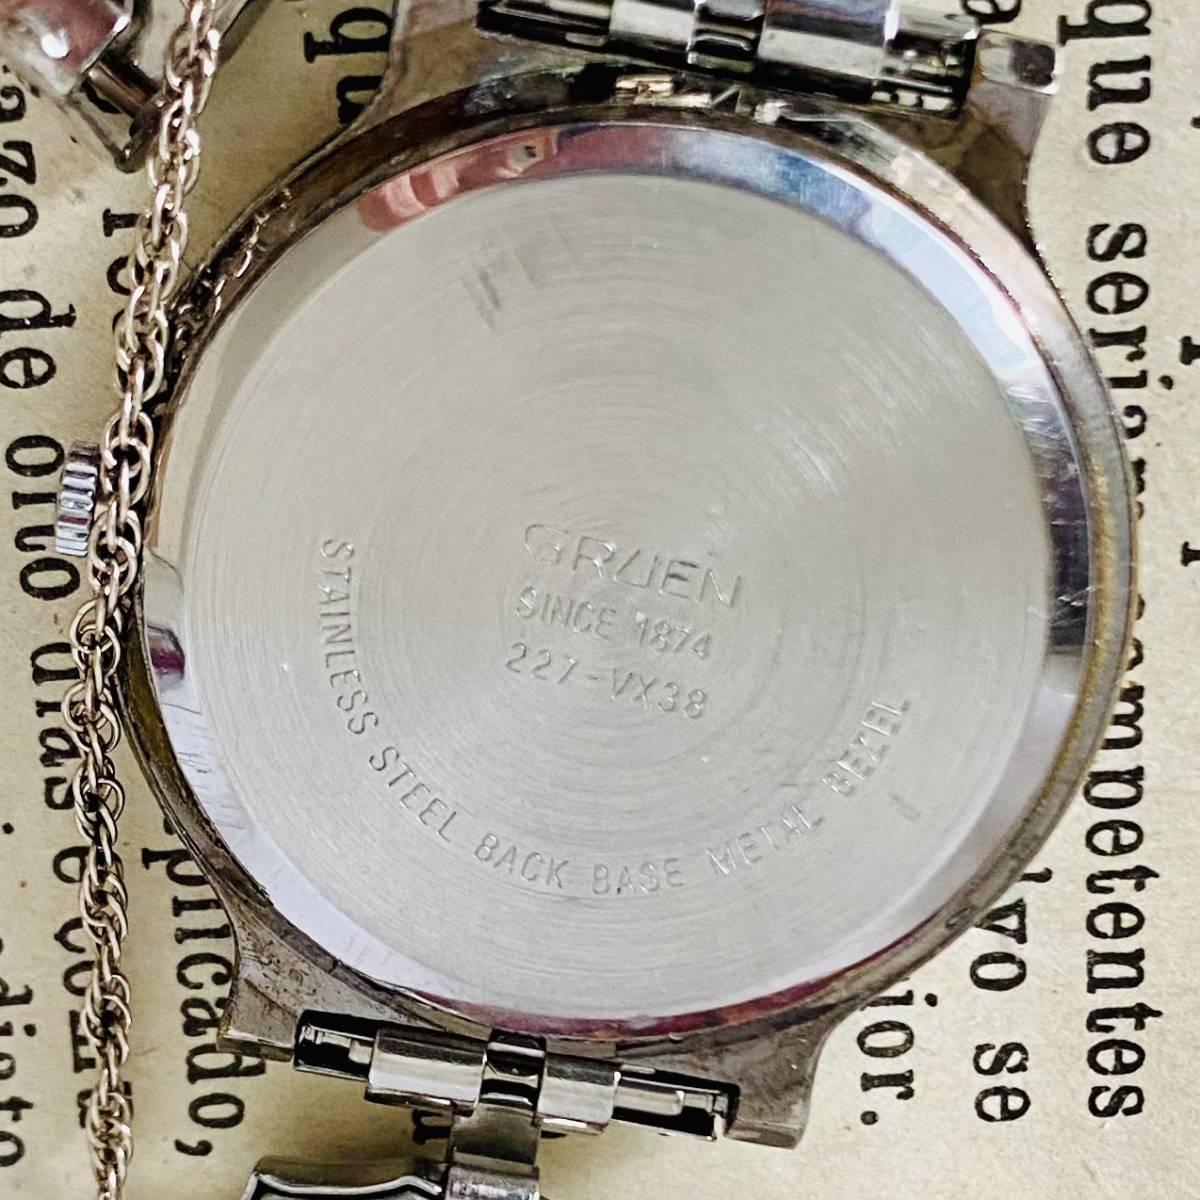 【高級時計グリュエン】Gruen ムーンフェイス クォーツ 腕時計 レディース ビンテージ ブレスレット カクテル ウォッチ クリスタル 訳あり_画像6